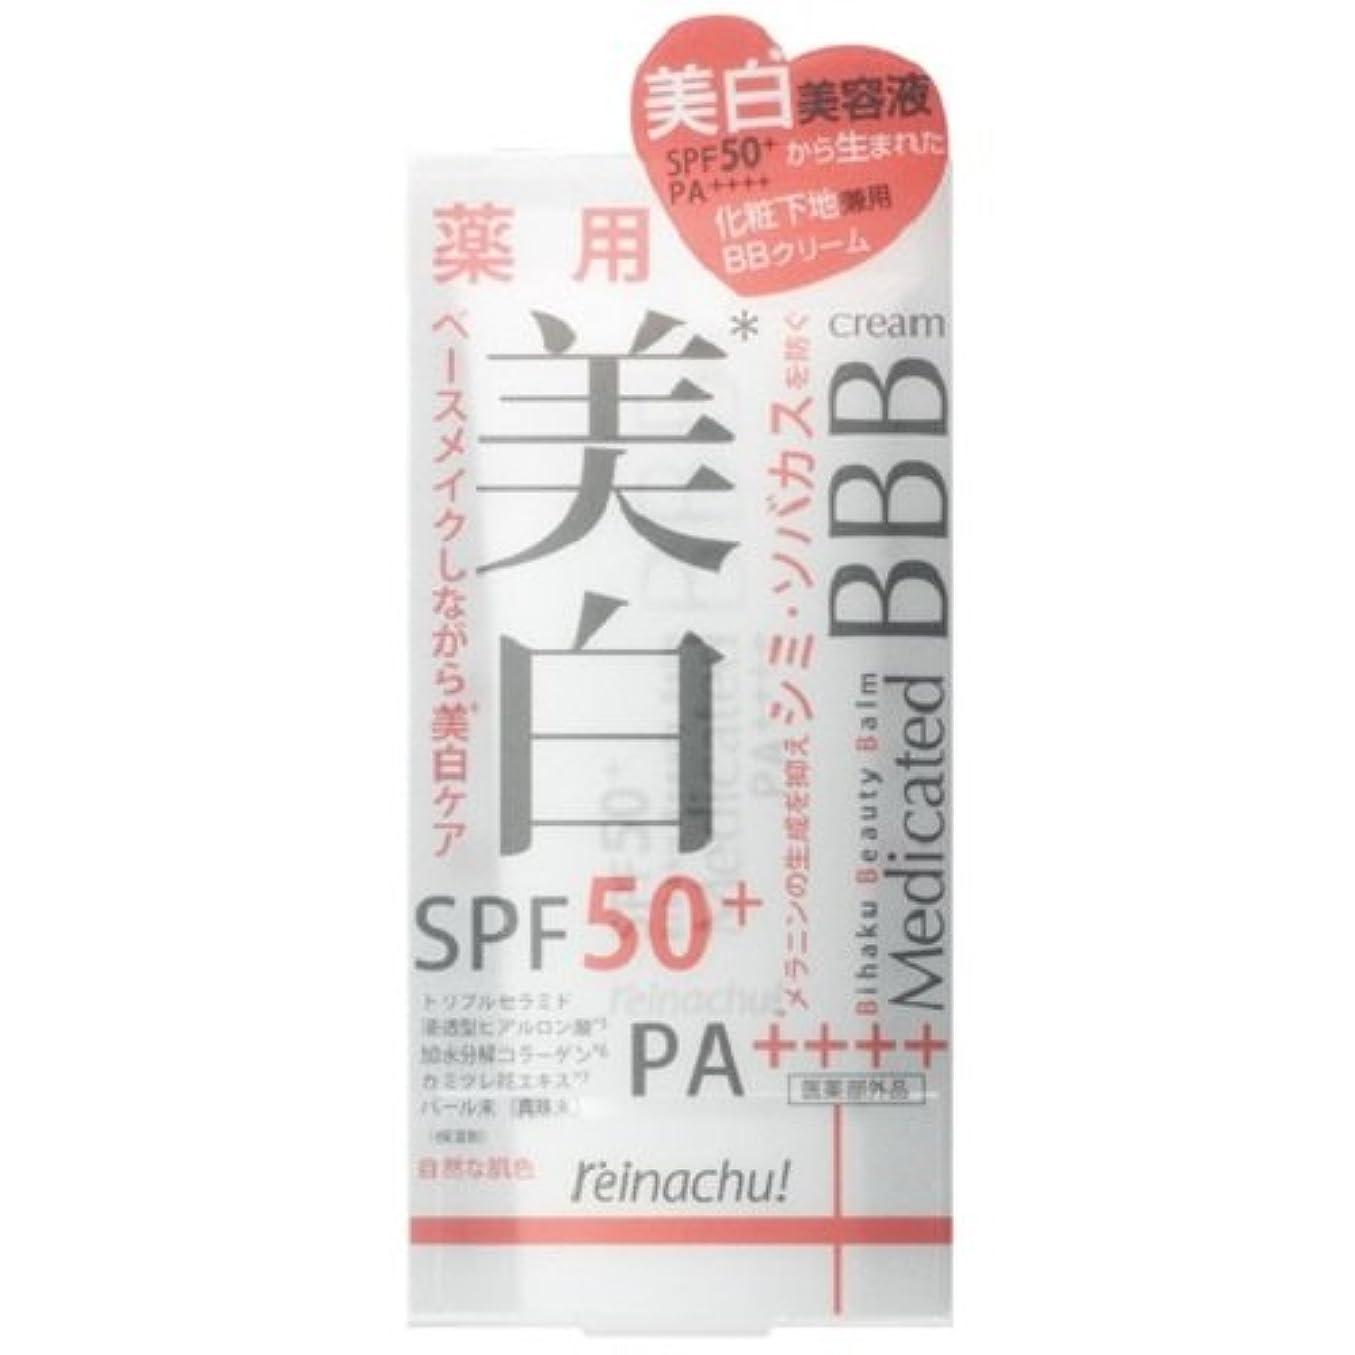 ランチ涙枯れるレイナチュ 薬用BBクリーム 30g (医薬部外品)